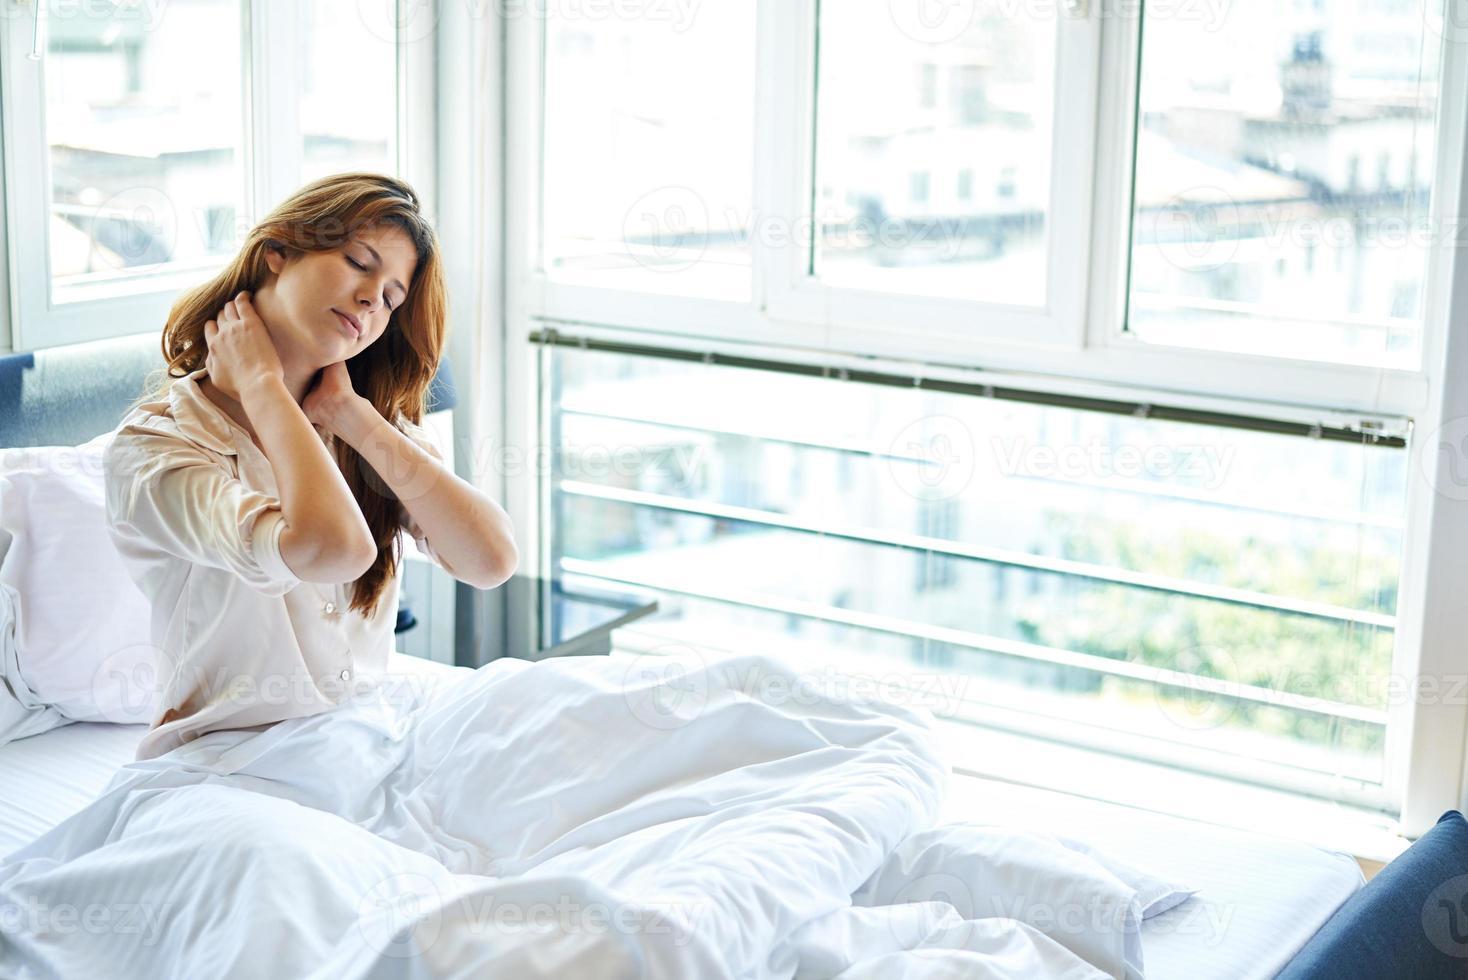 nekpijn in bed foto